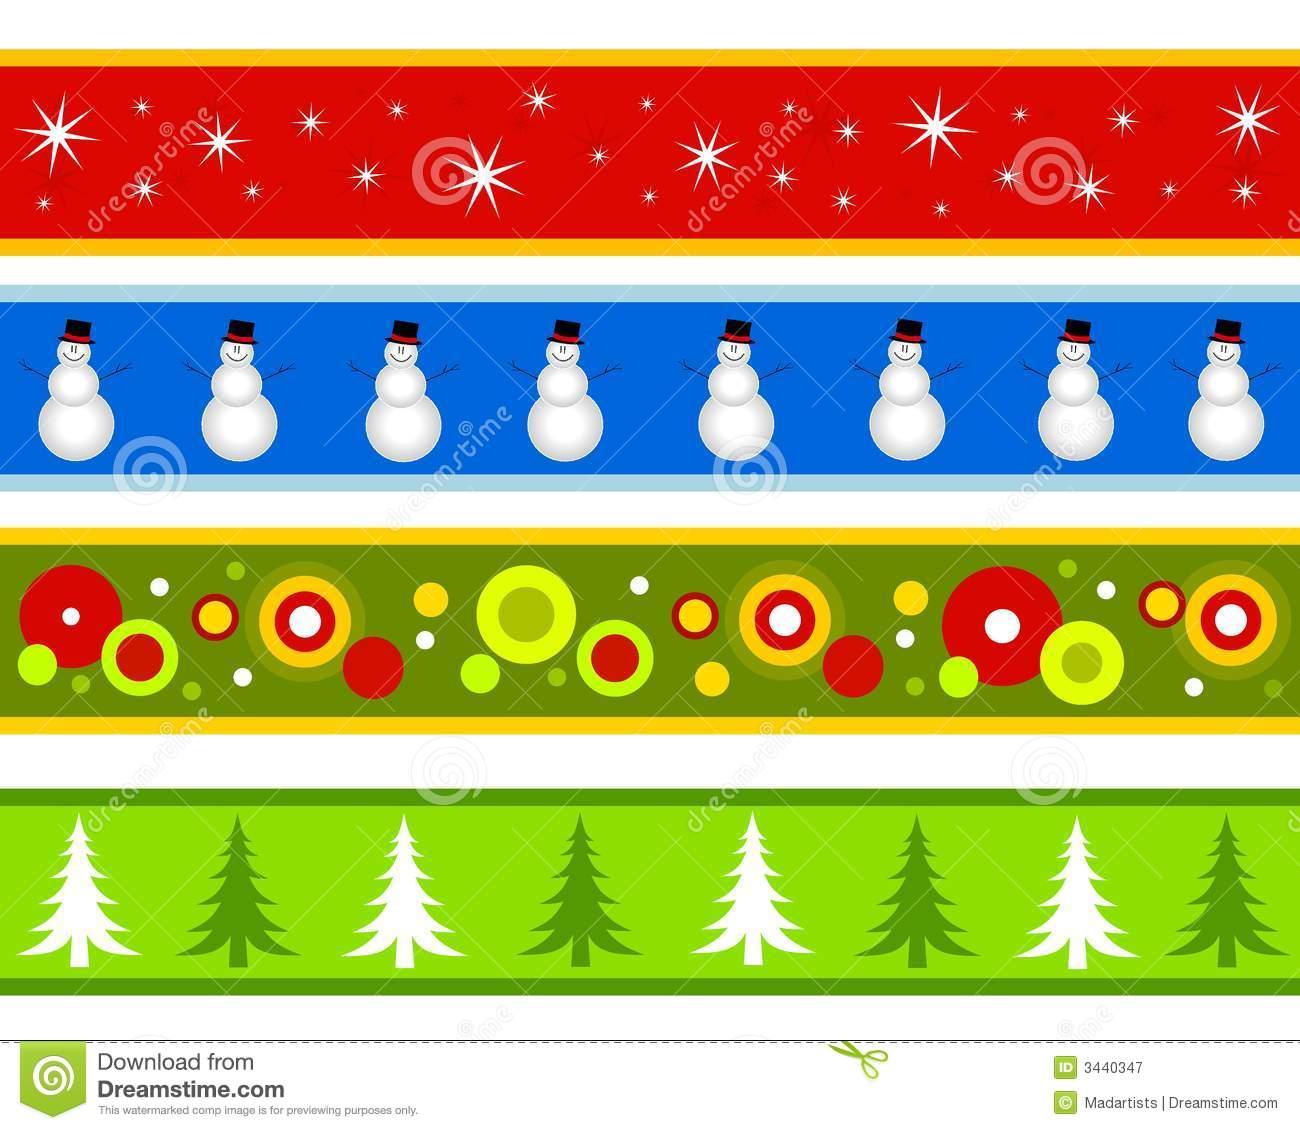 Christmas Borders or Banners .